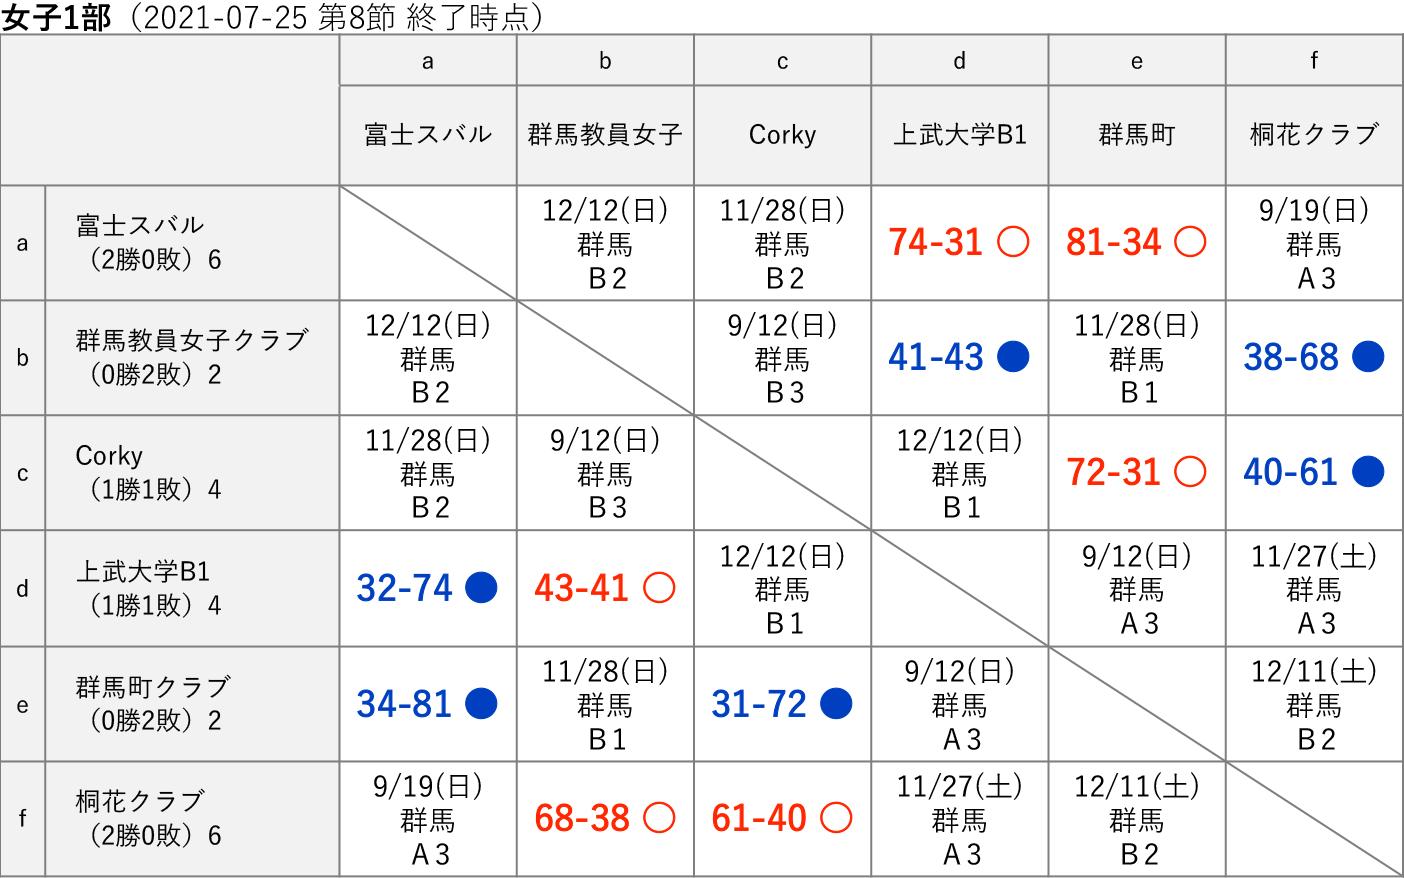 2021社会人リーグ 女子1部 星取り表(2021-07-25 第8節終了時)